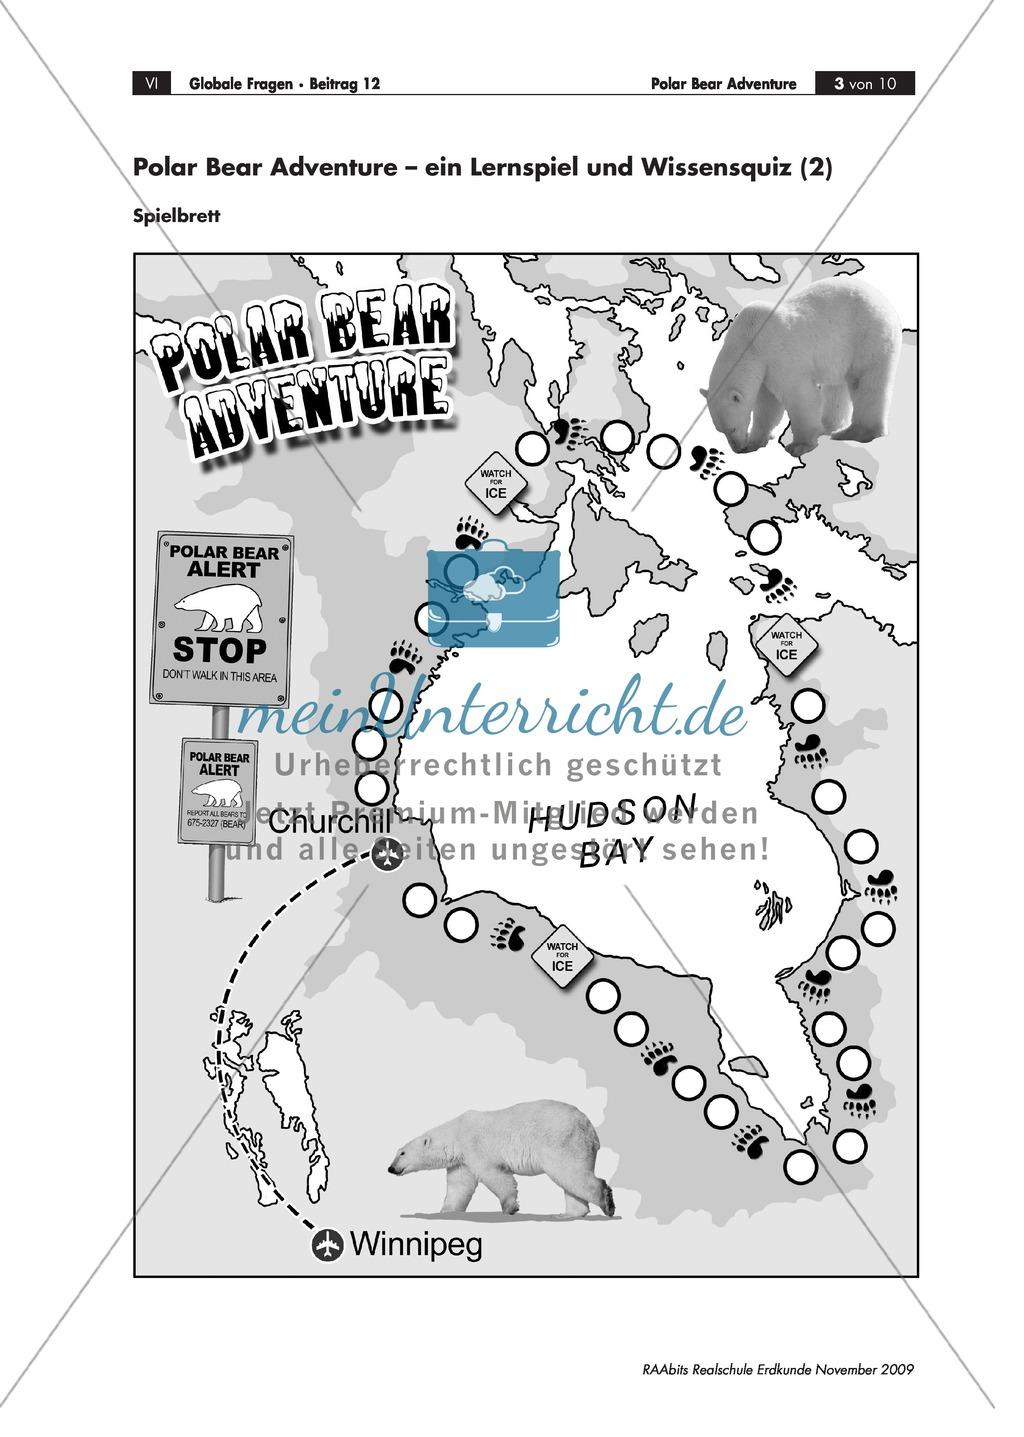 Ein Lernspiel und Wissensquiz zum Polarbären: Biologie + Eisbärtourismus + Ökosystem + Klimawandel Preview 1